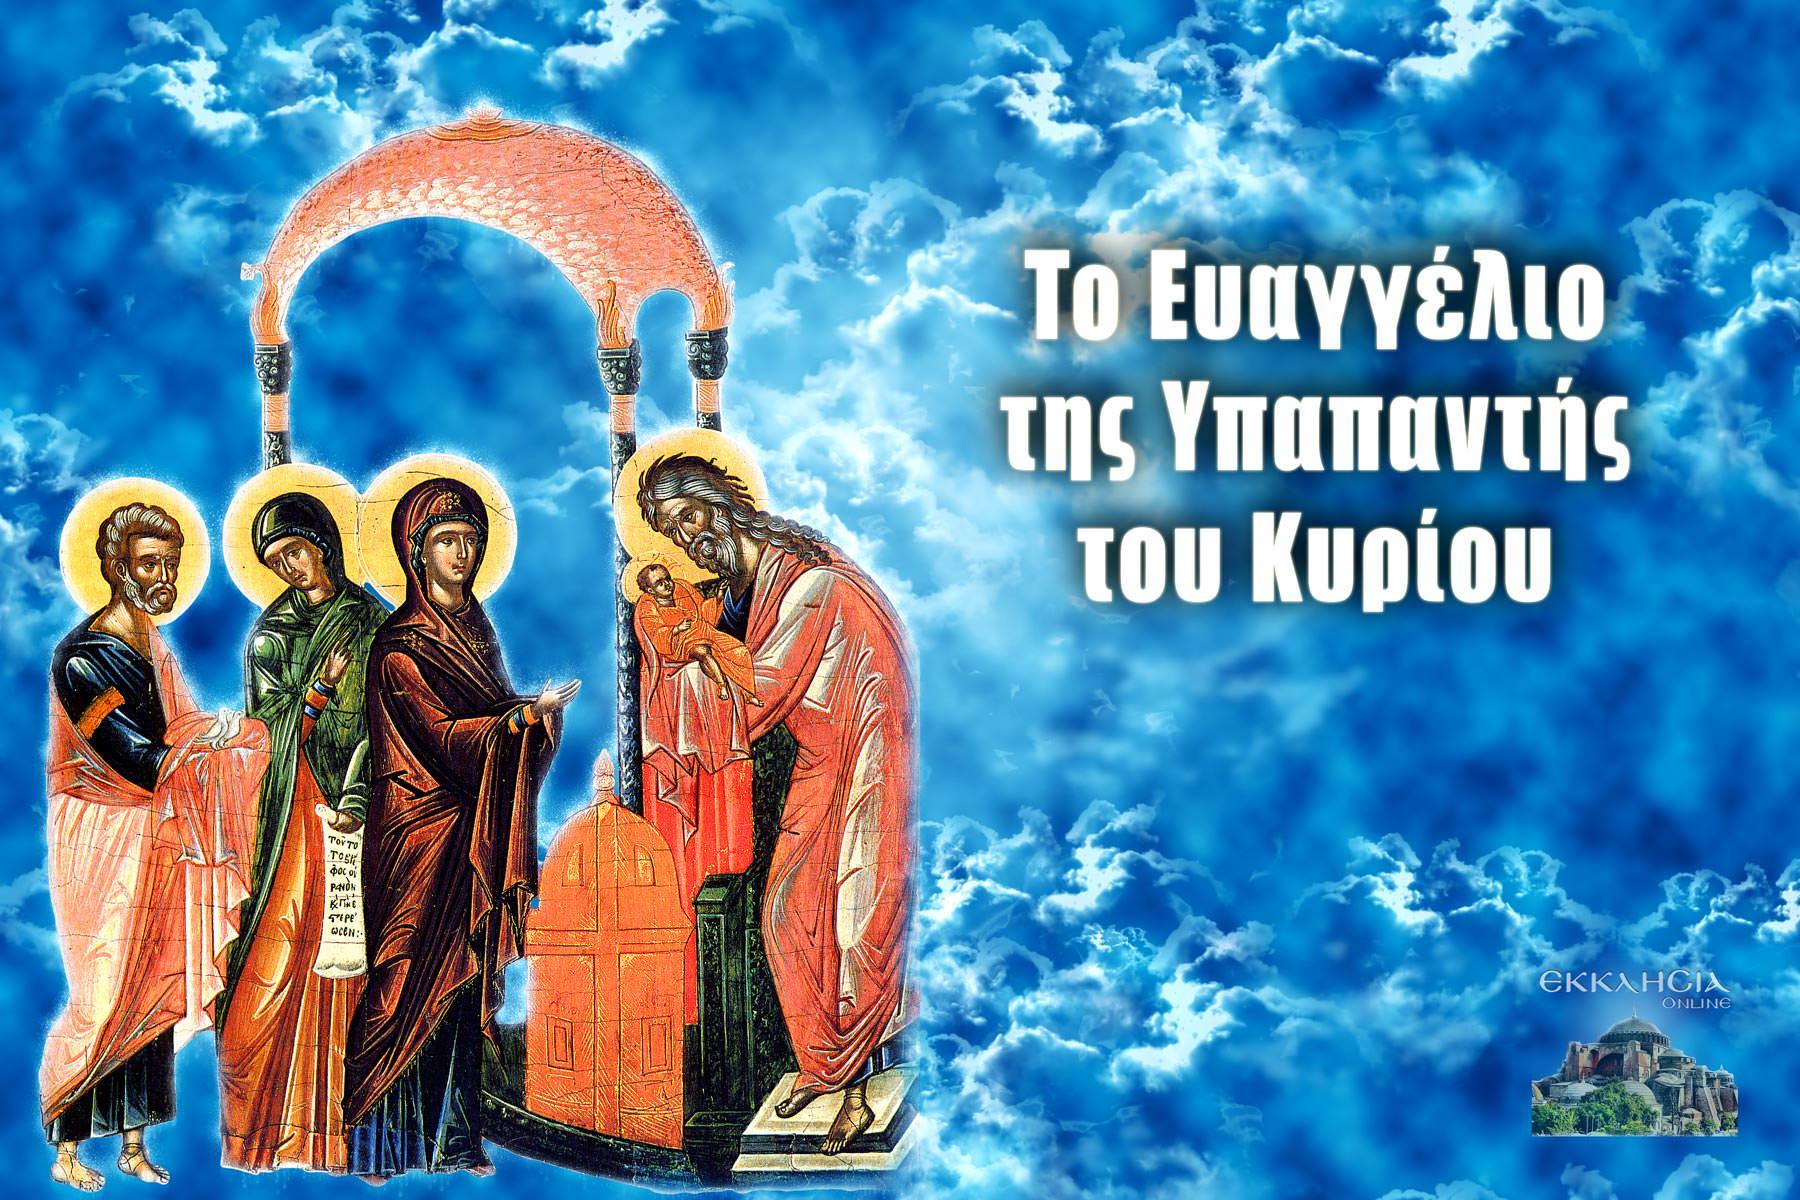 Ευαγγέλιο Κυριακής της Υπαπαντής 2 Φεβρουαρίου